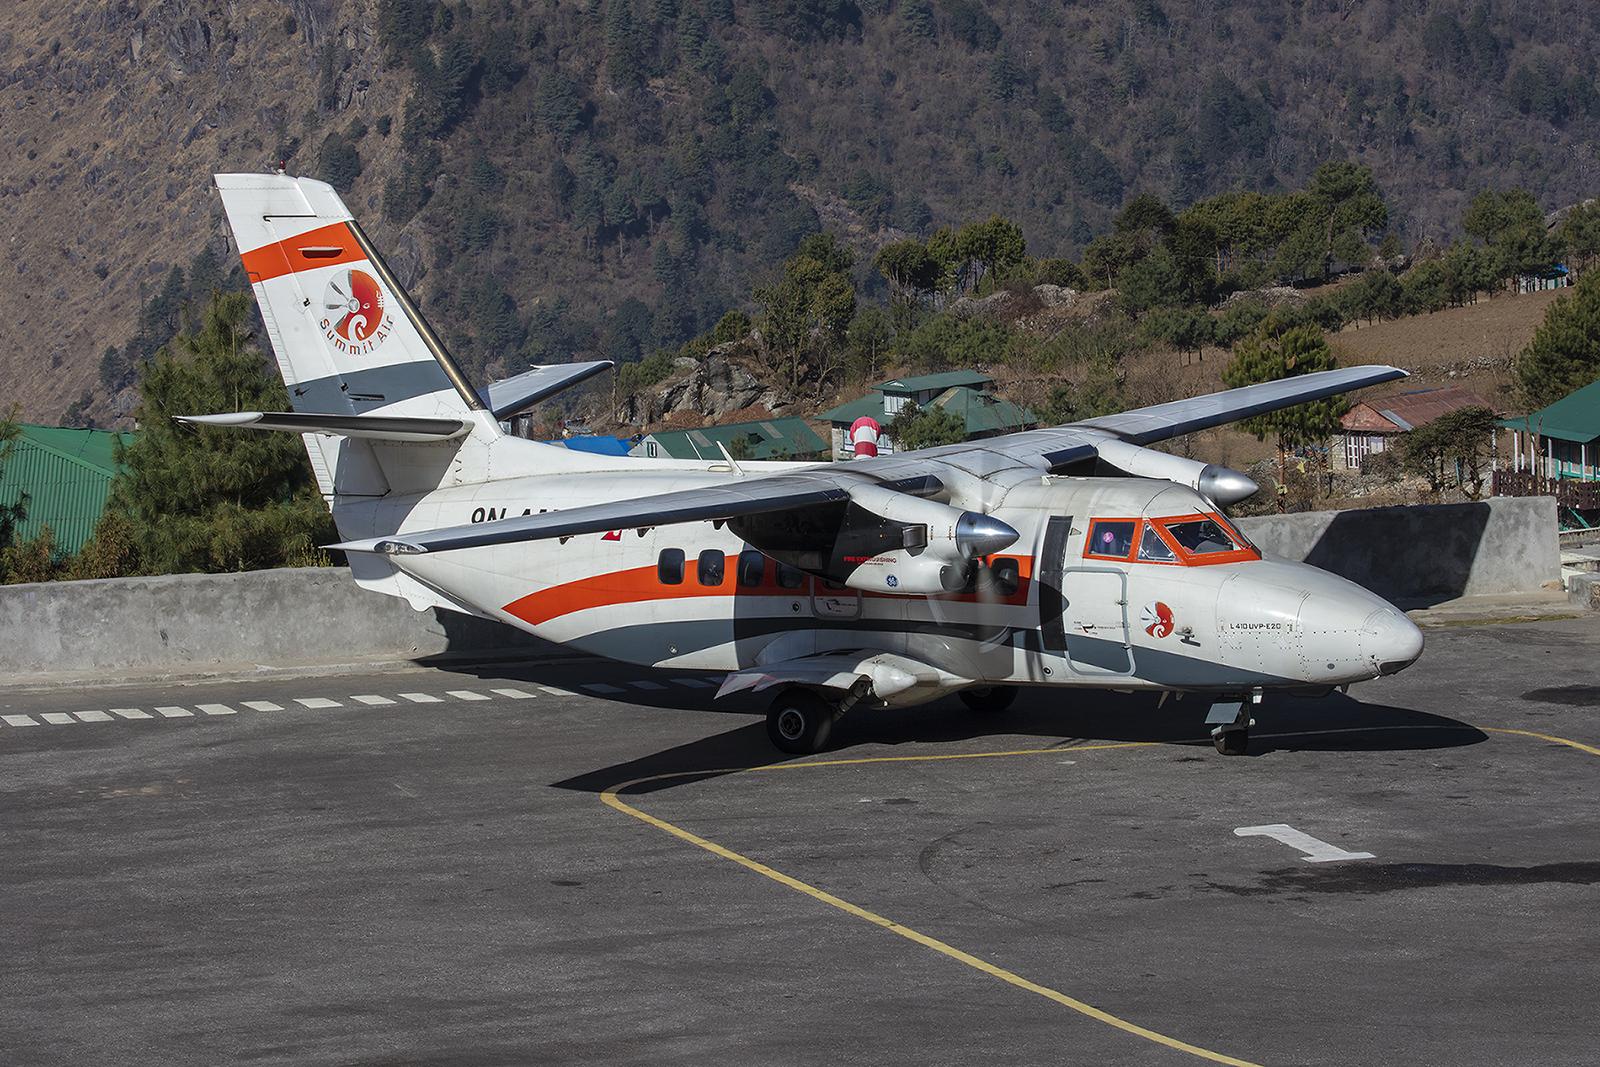 L-410 von Summitair. Die kleinen Maschinen aus der Tschechischen Republik sind ideal für Flugplätze wie Lukla.